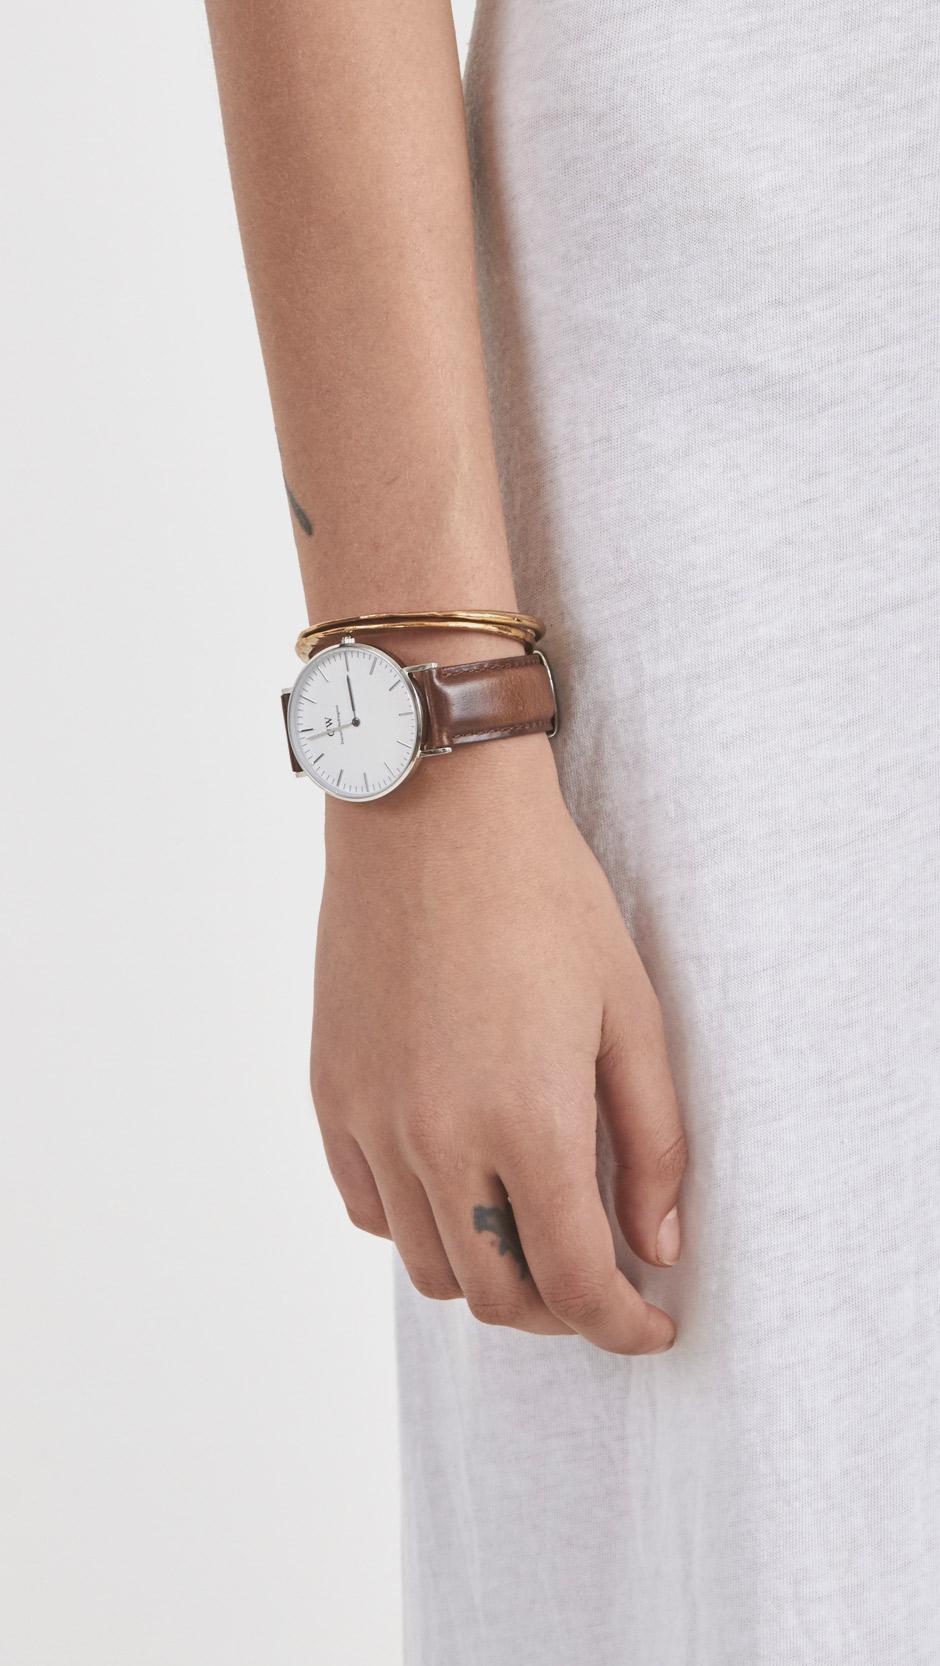 b59fc5f857f2 Daniel Wellington Classic Bristol Watch in Brown - Lyst